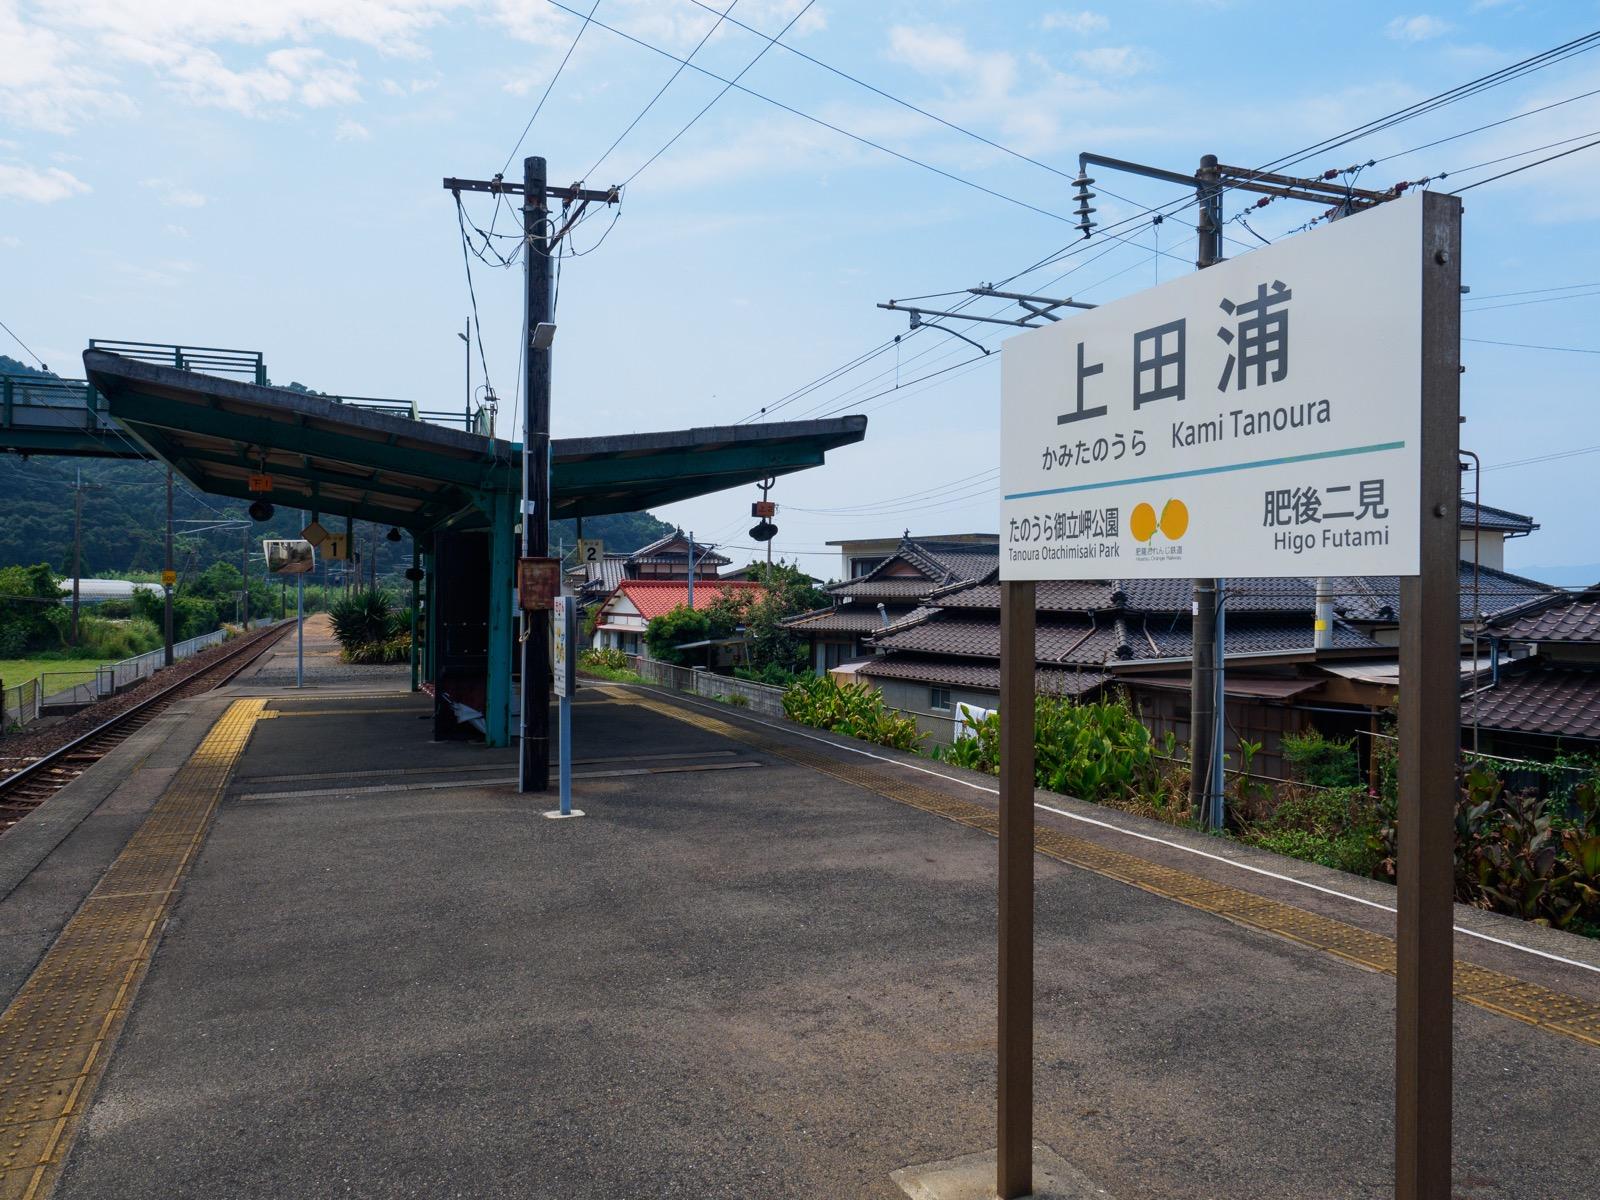 上田浦駅のホーム